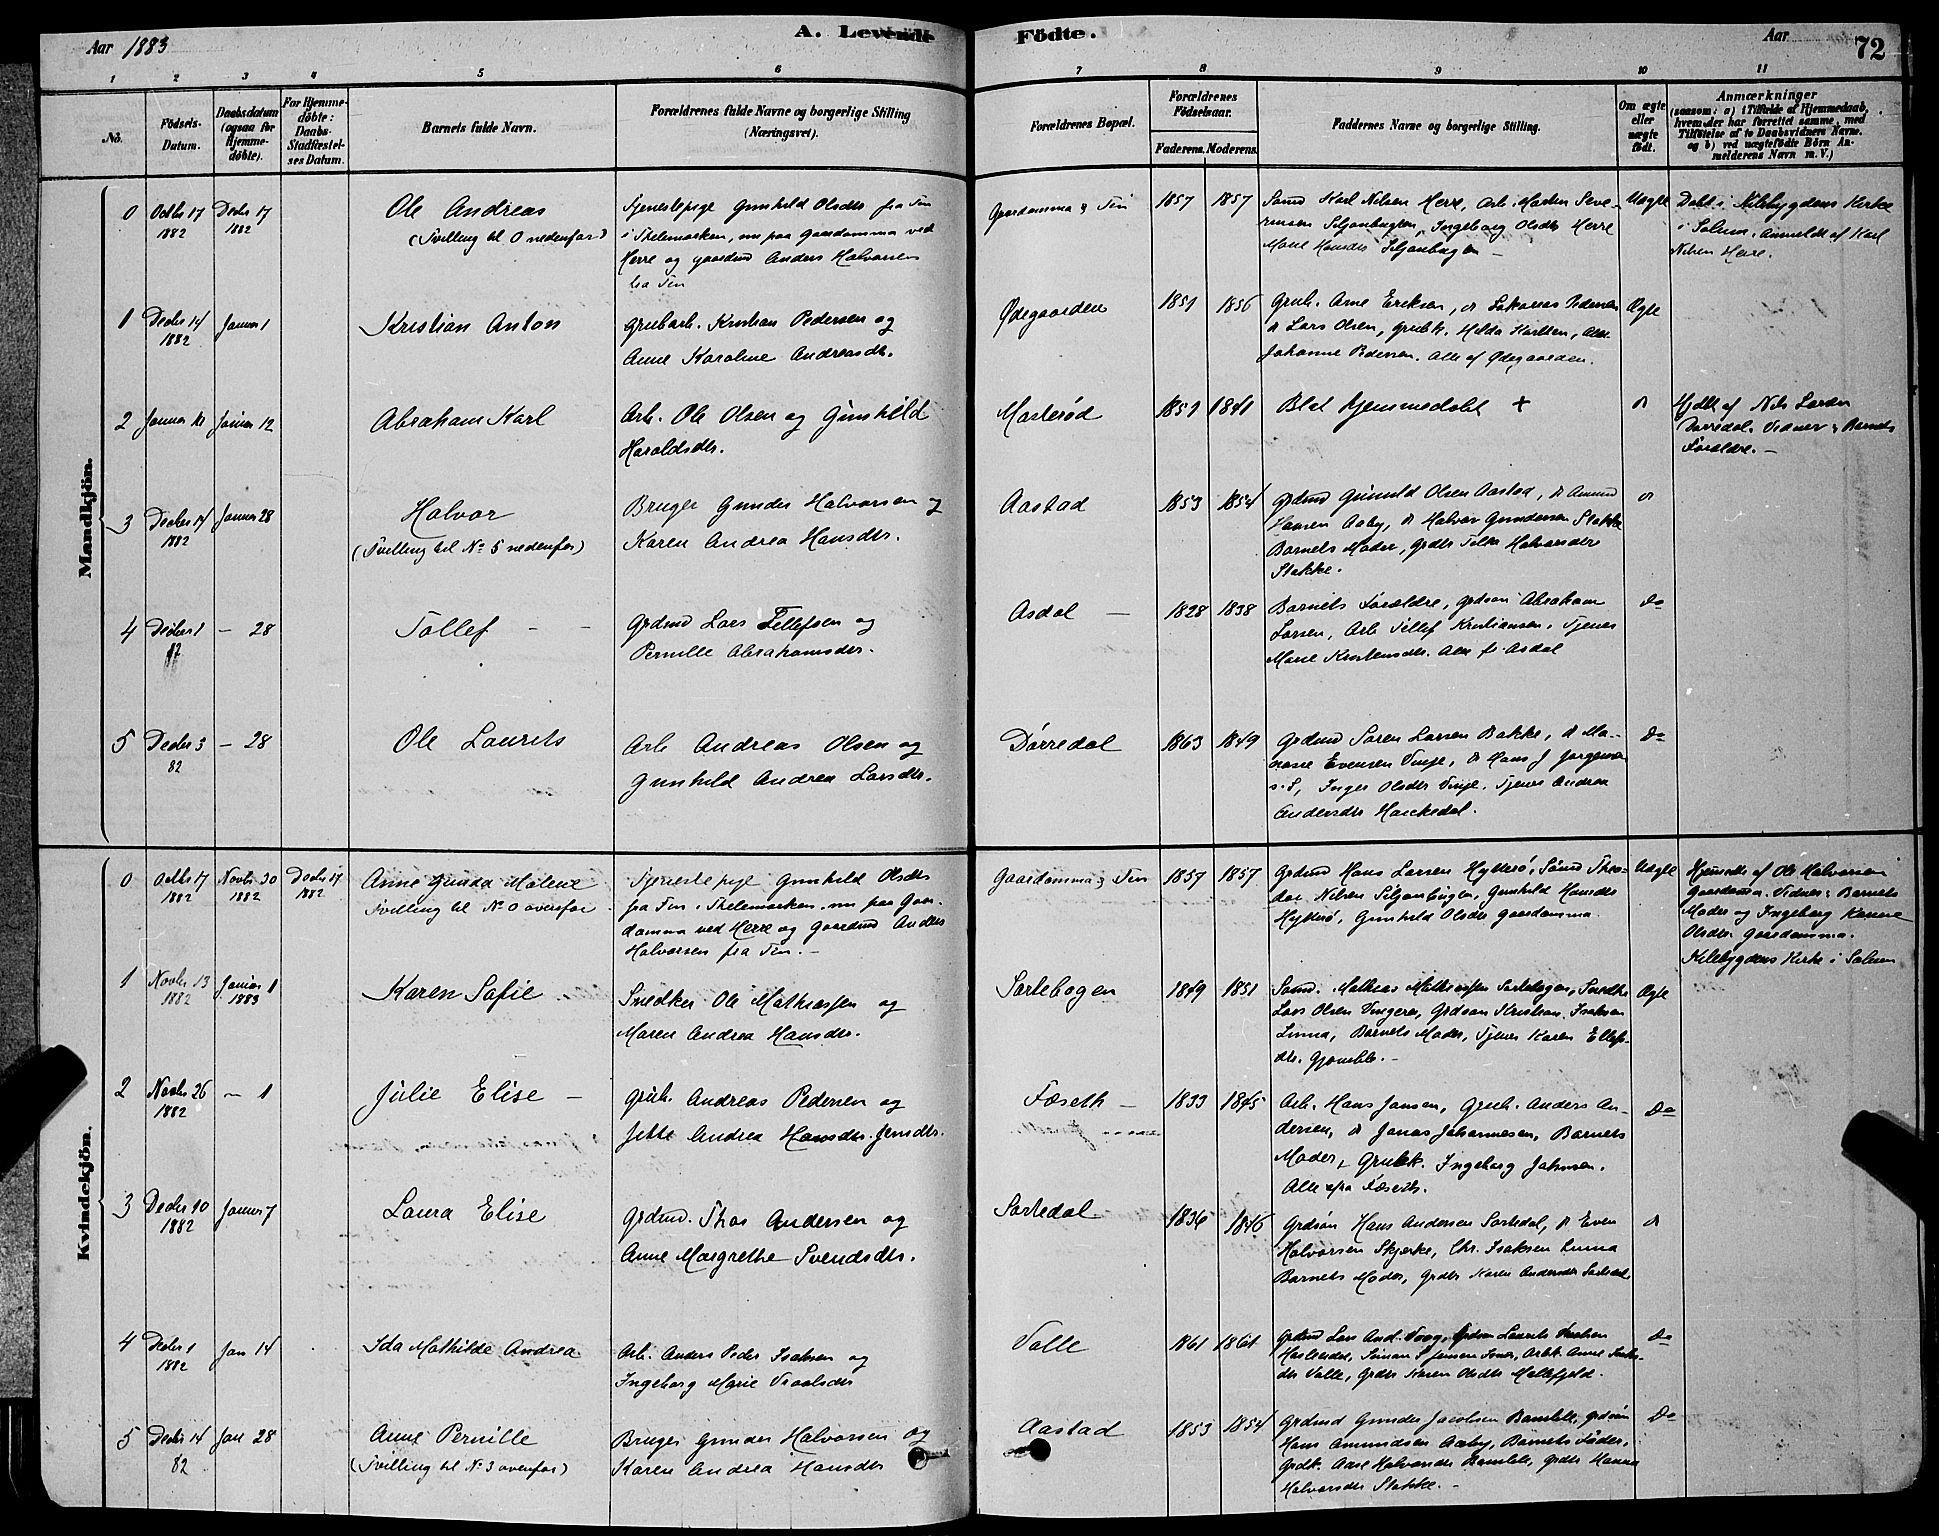 SAKO, Bamble kirkebøker, G/Ga/L0008: Klokkerbok nr. I 8, 1878-1888, s. 72